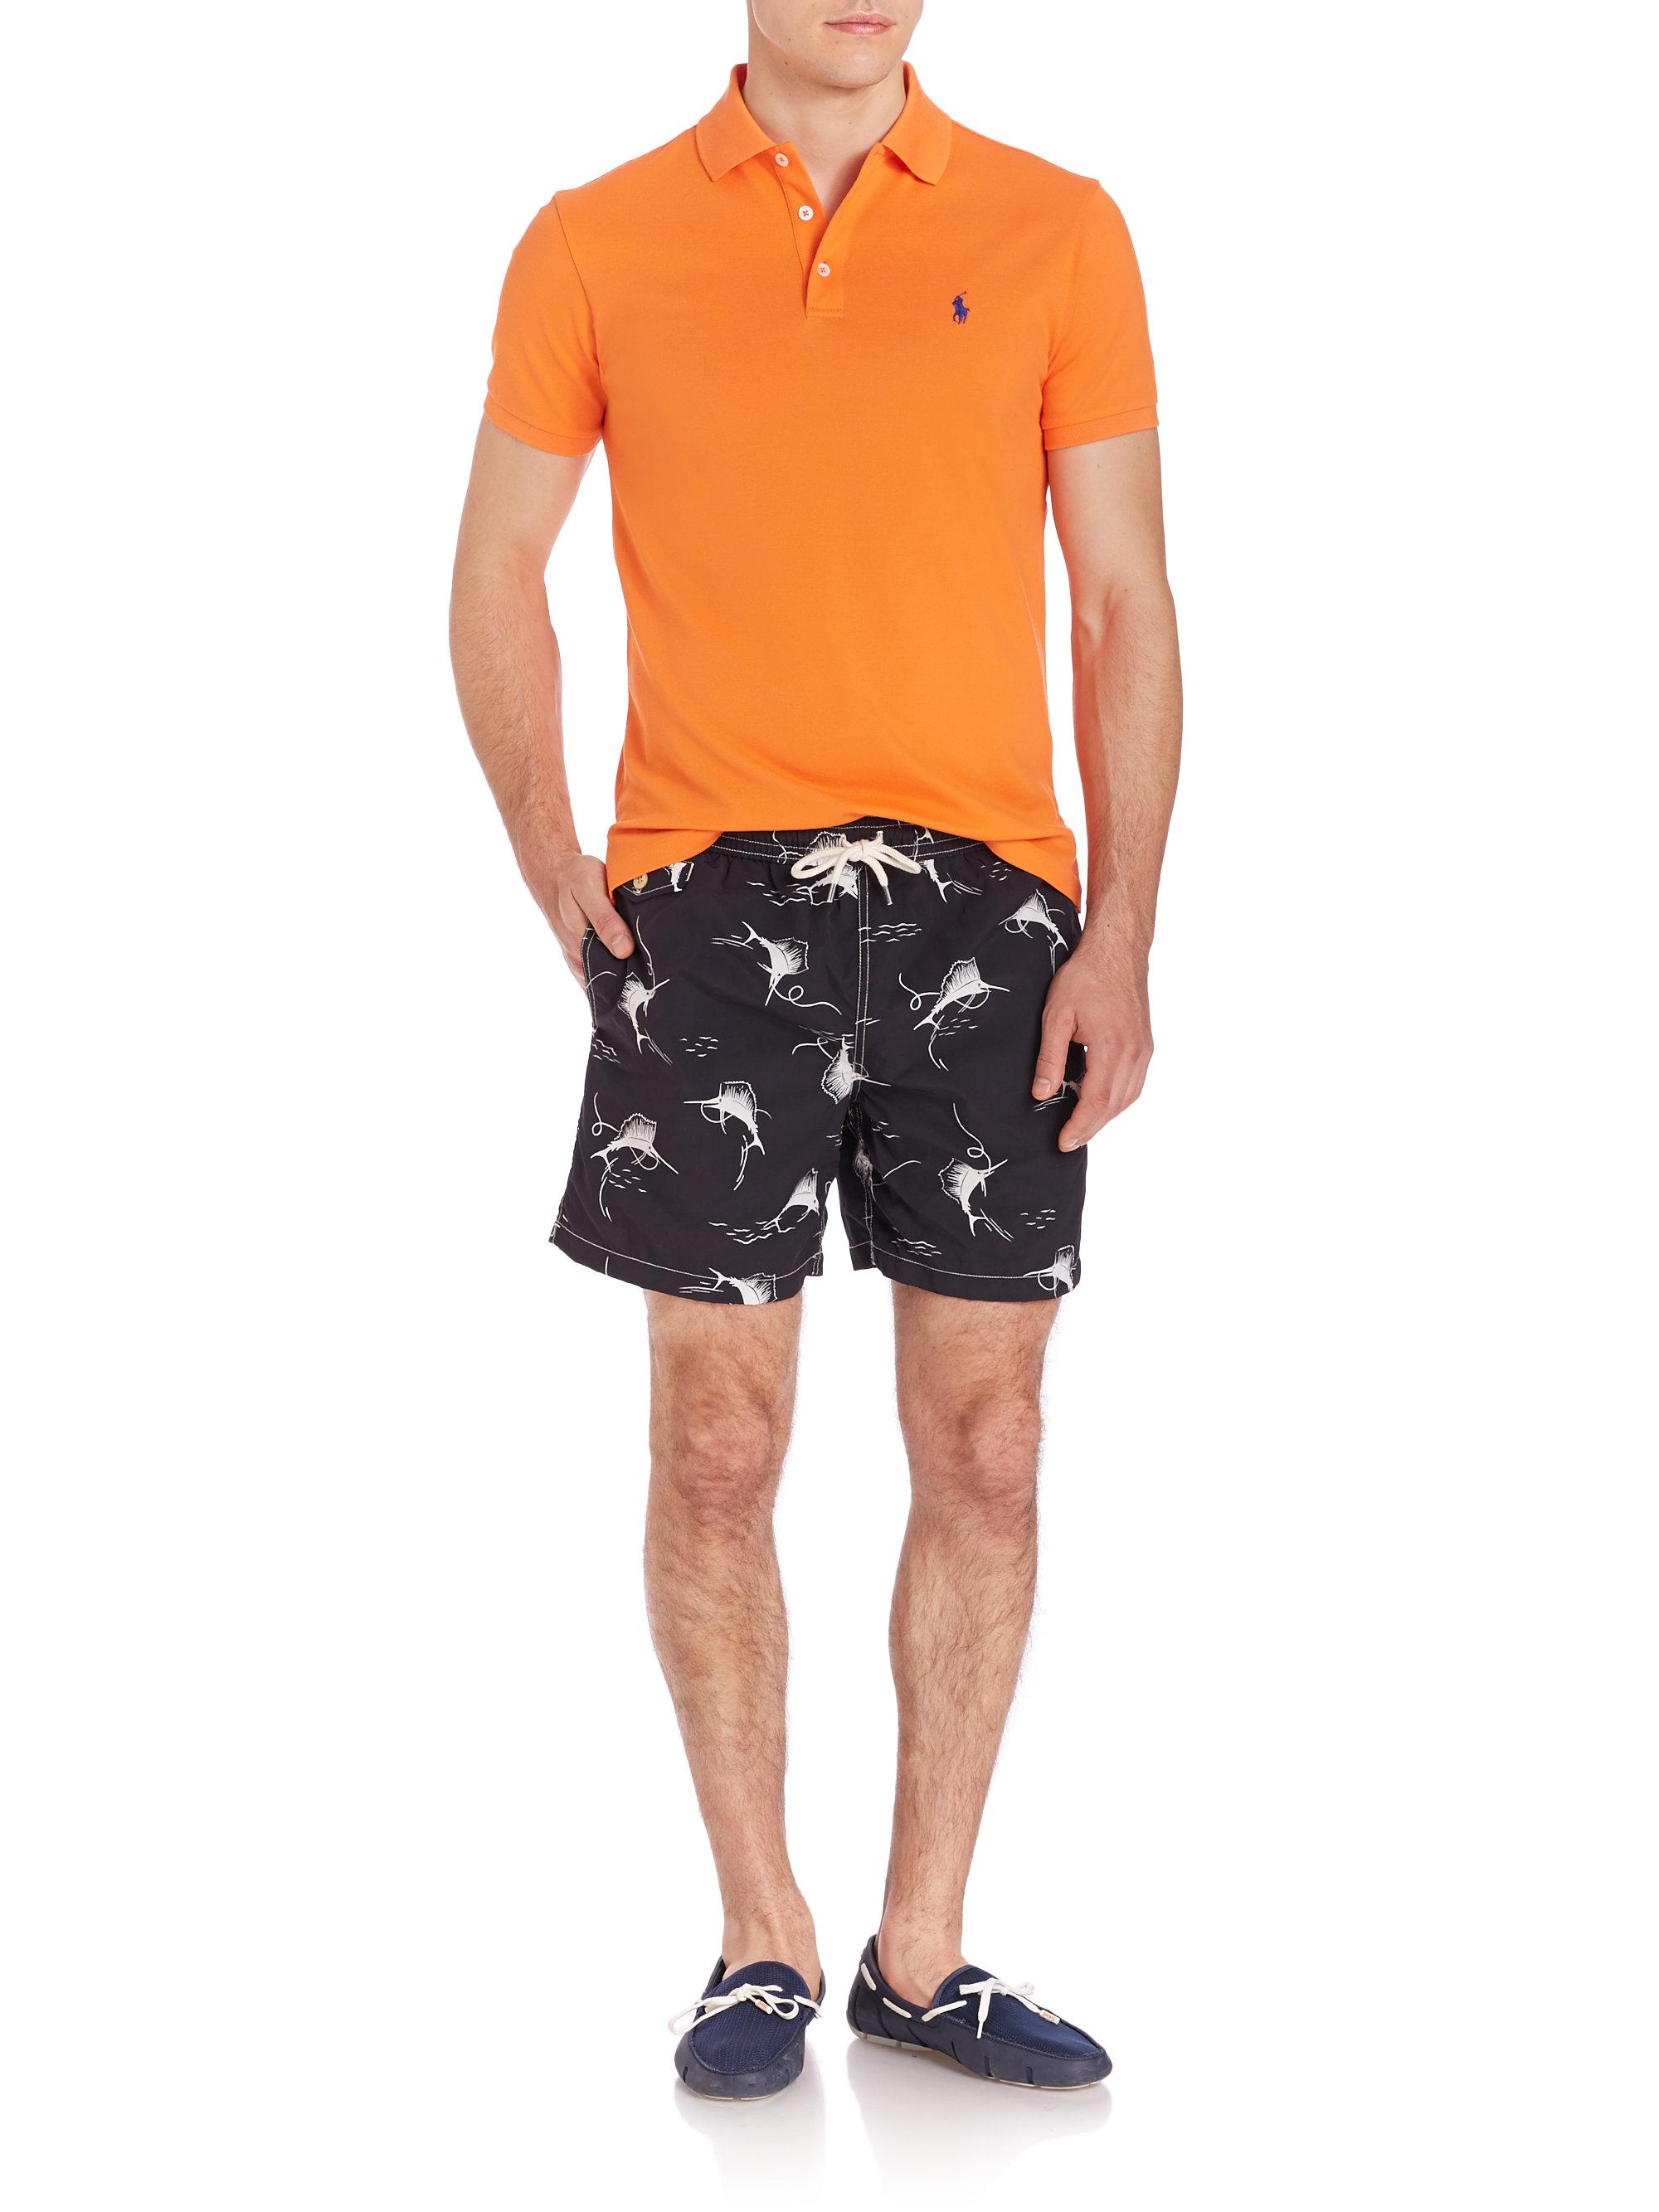 polo ralph lauren black swordfish print traveler swim trunks for men. Black Bedroom Furniture Sets. Home Design Ideas